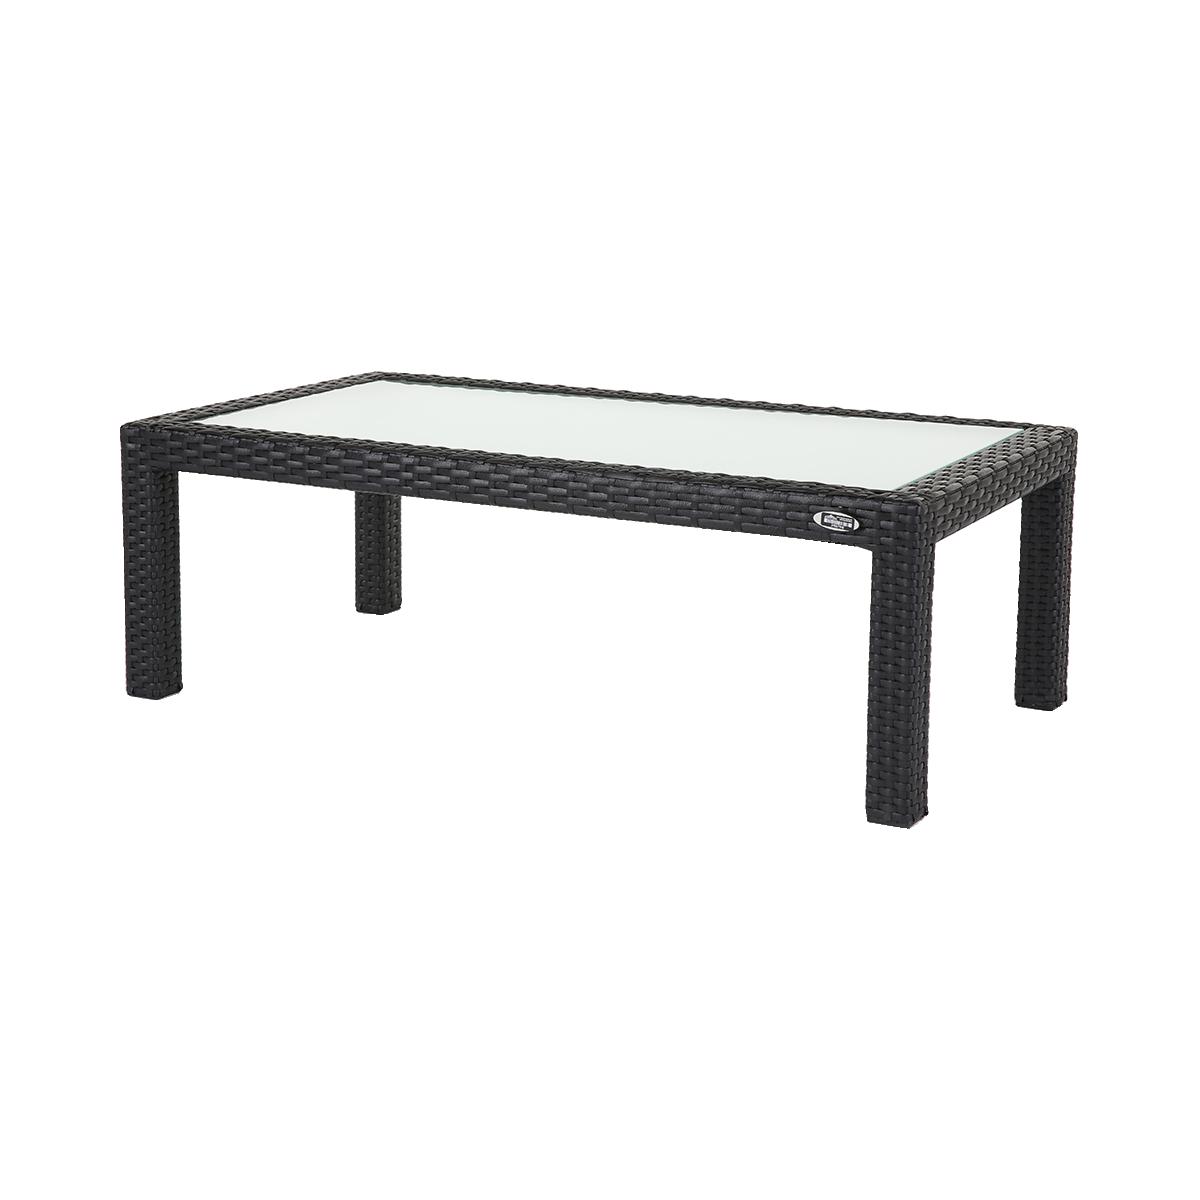 dieeventausstatter Polyrattan Tisch anthrazit Glasplatte